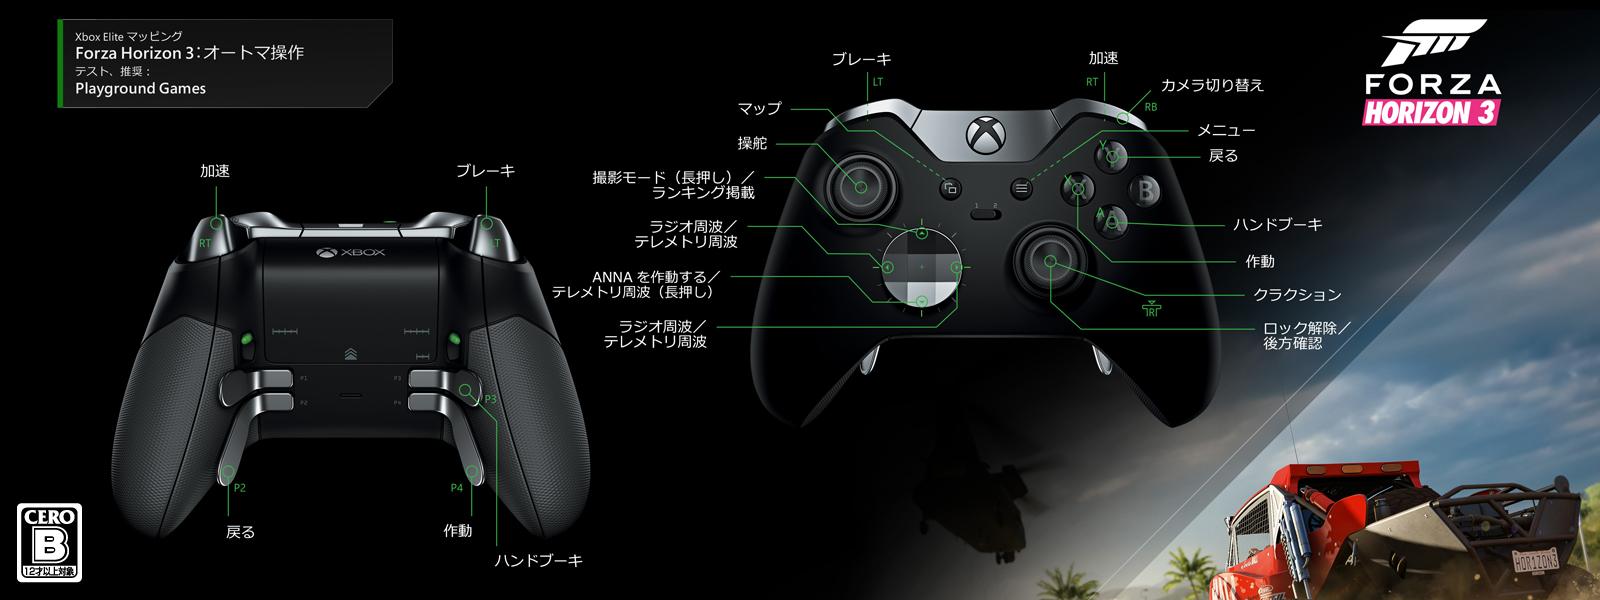 Forza Horizon 3 - オートマチック トランスミッション Elite マッピング